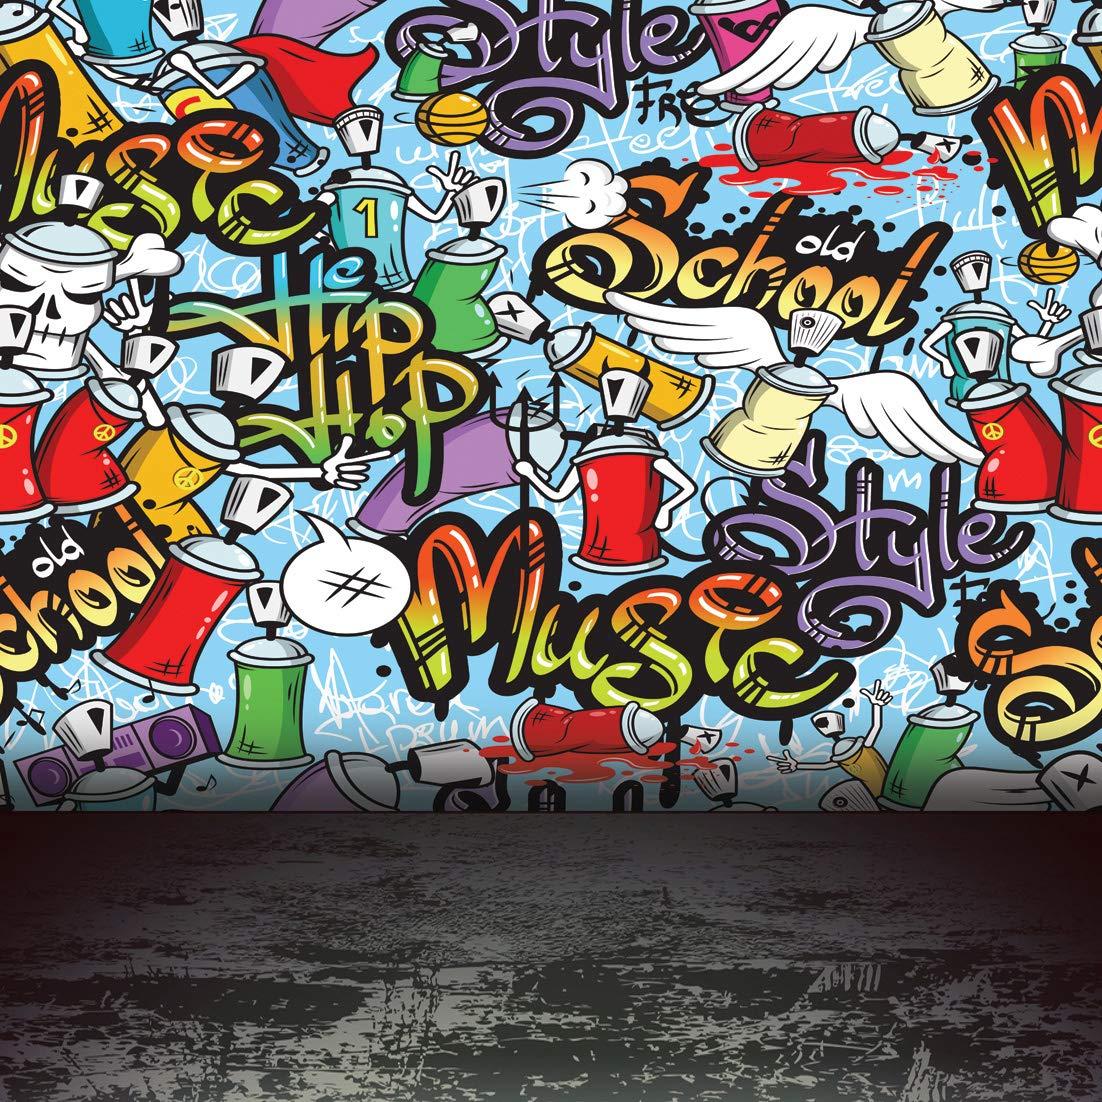 大放出セール 11 038 スタジオ小道具 壁紙 部屋 パーティー 大人 男の子 背景 写真 壁 レンガ 壁画 手描き 写真撮影用 ヒップホップ 背景幕 グラフィティ 10 10フィート Aiikes B07g6xhrgl バックペーパー背景布 Www Wwmp Org Za